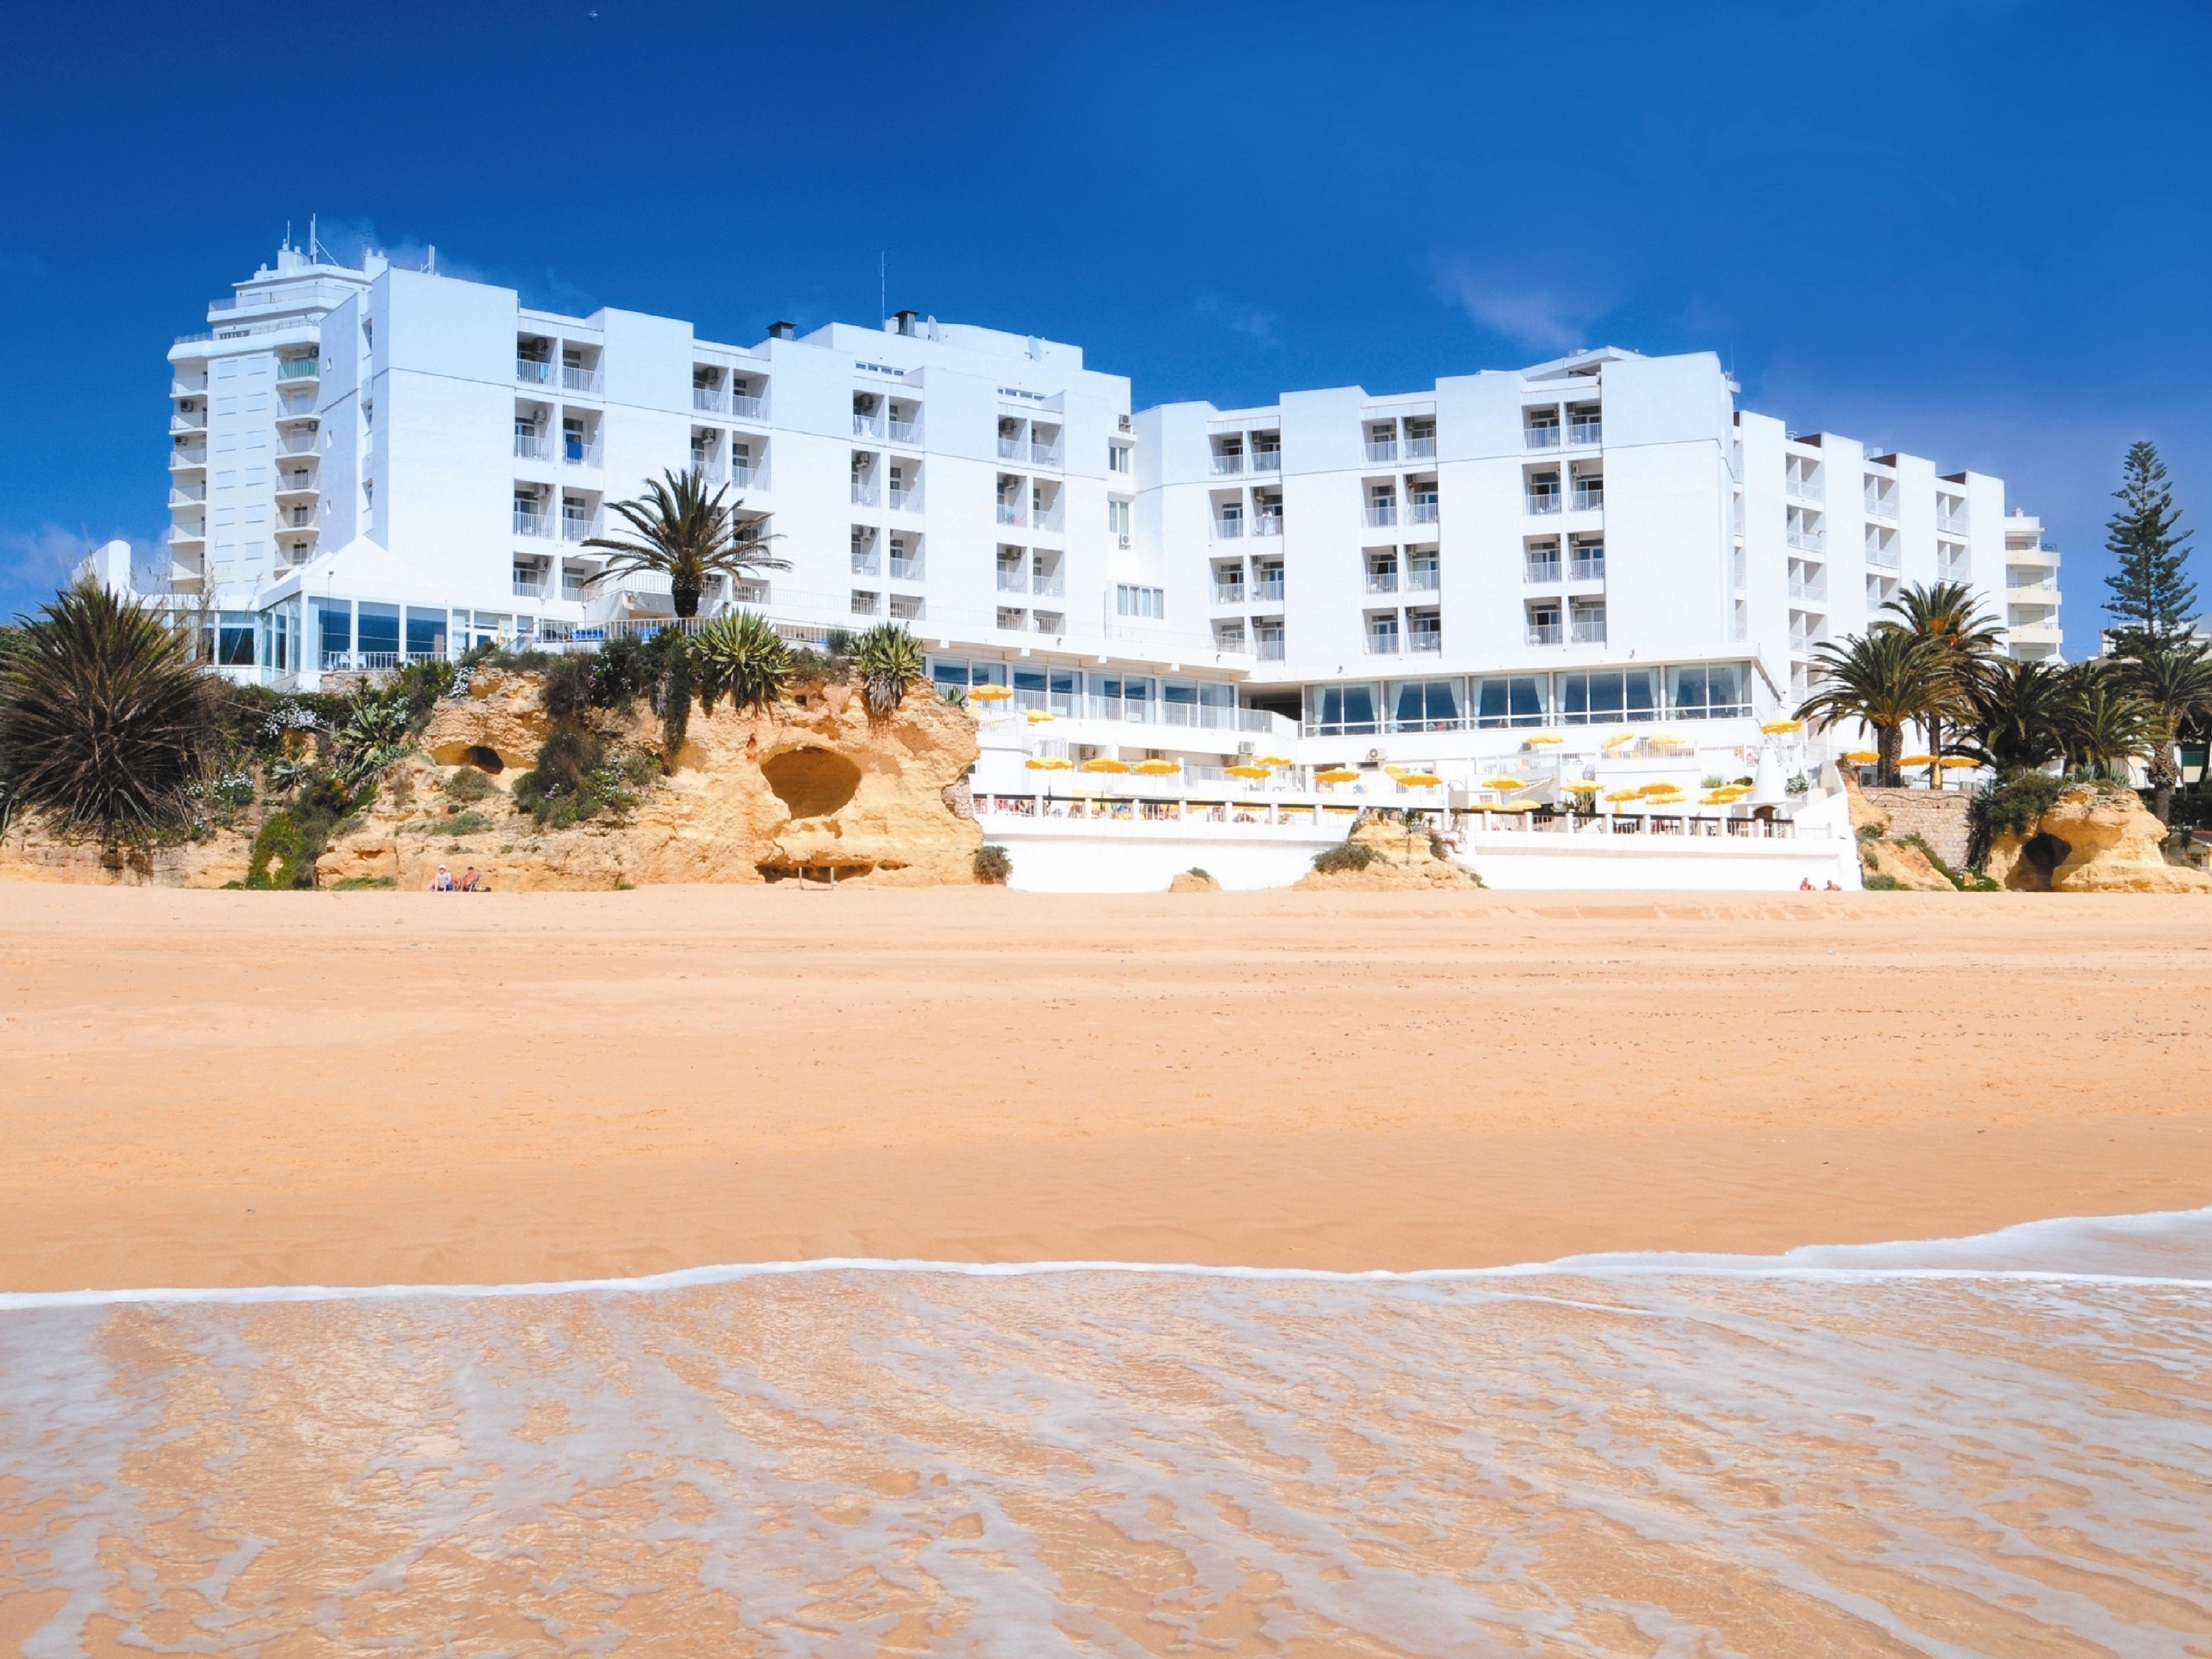 Hotels In Armacao De Pera Algarve